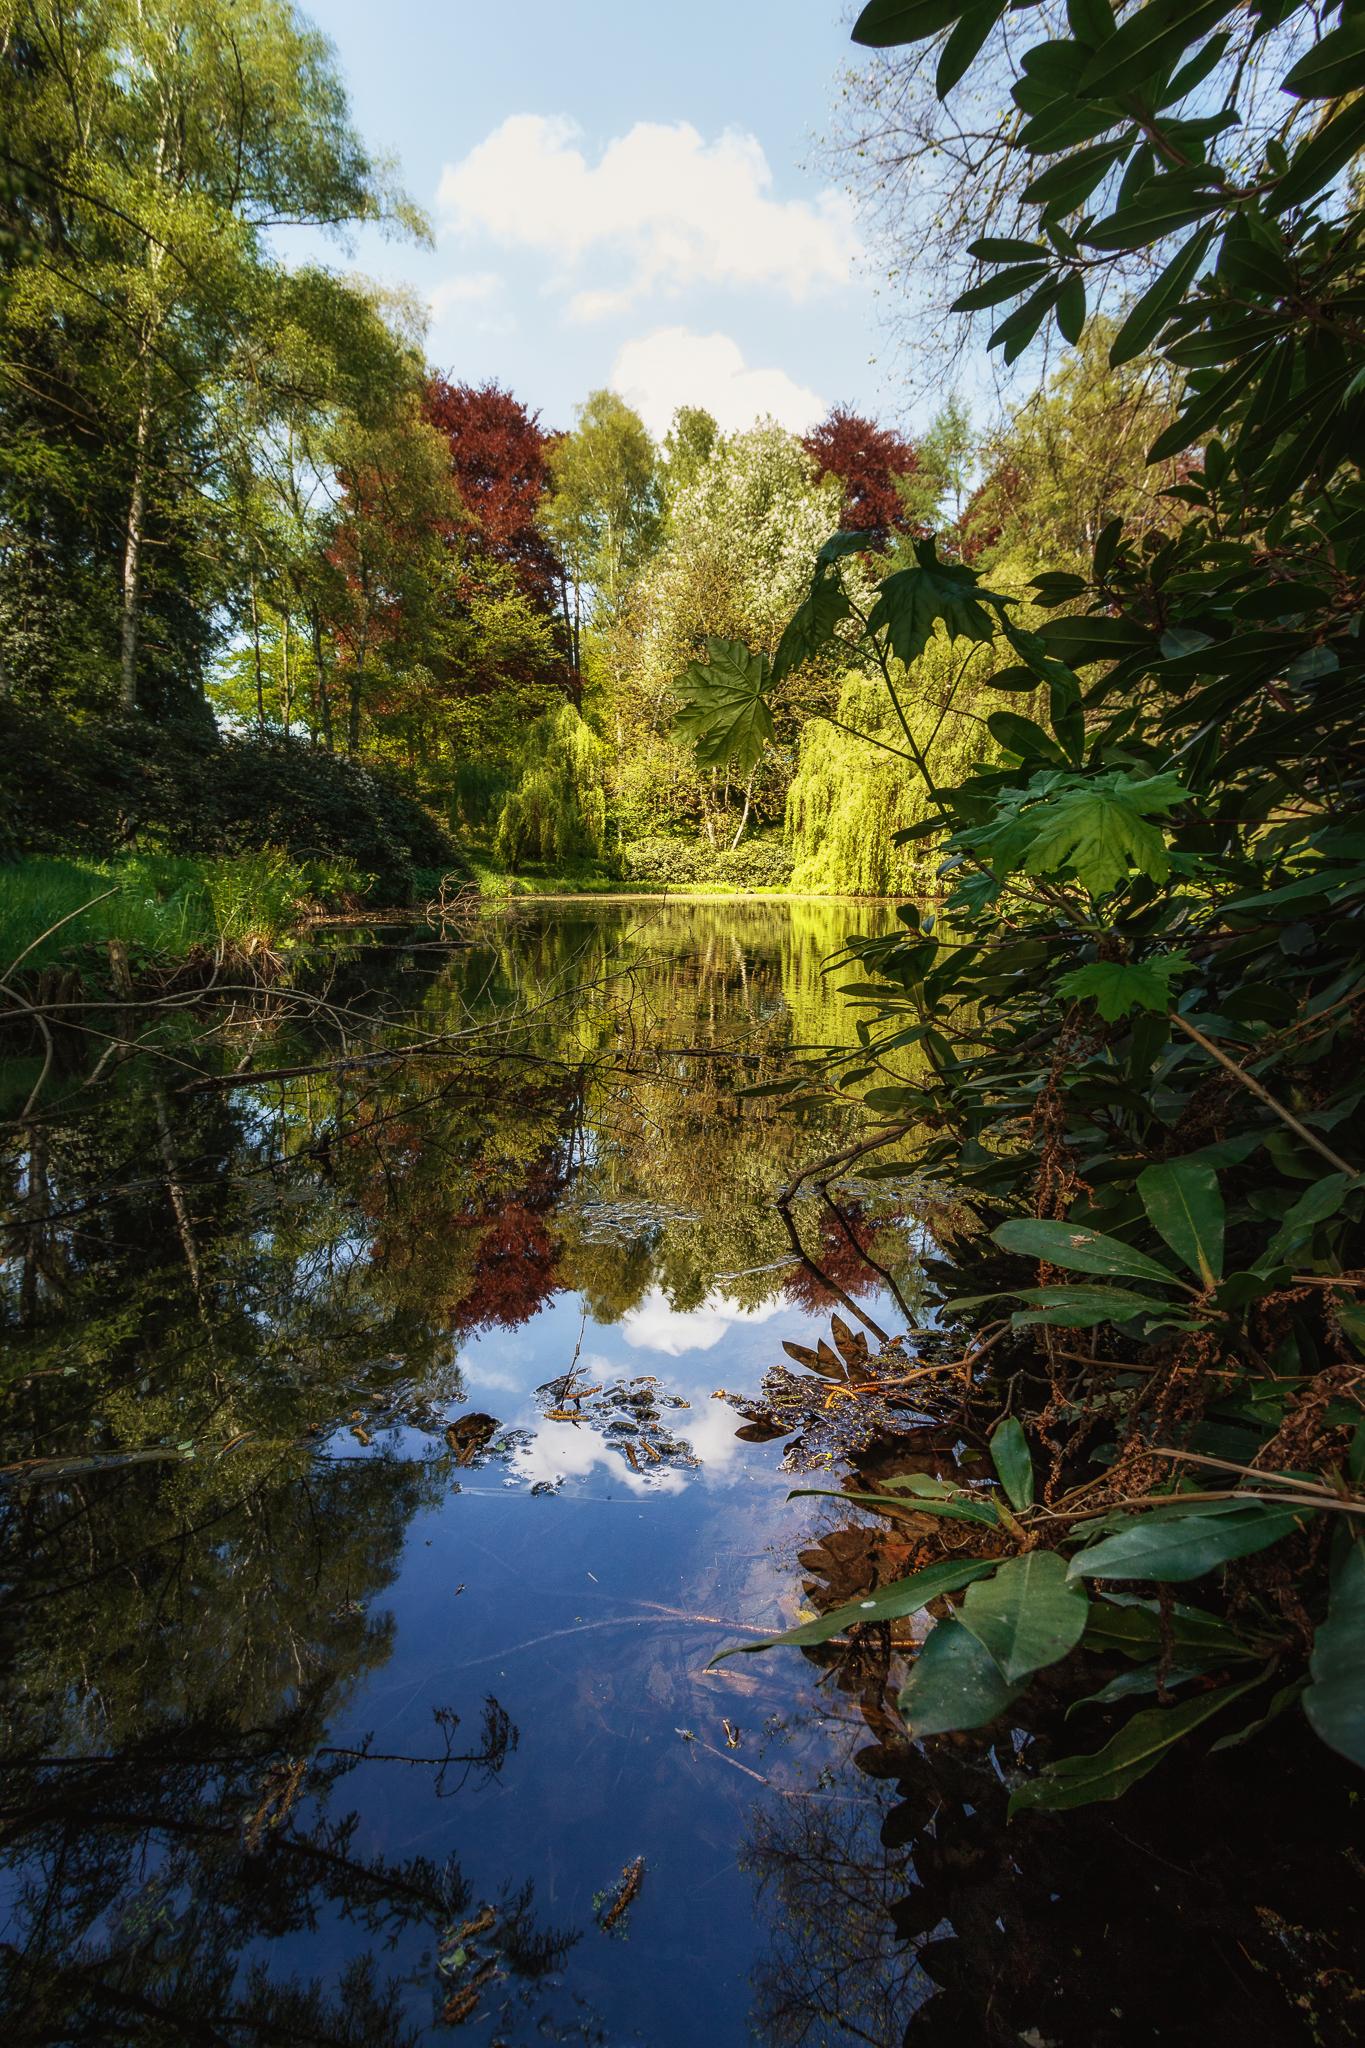 Der Teich im Ölberggarten.